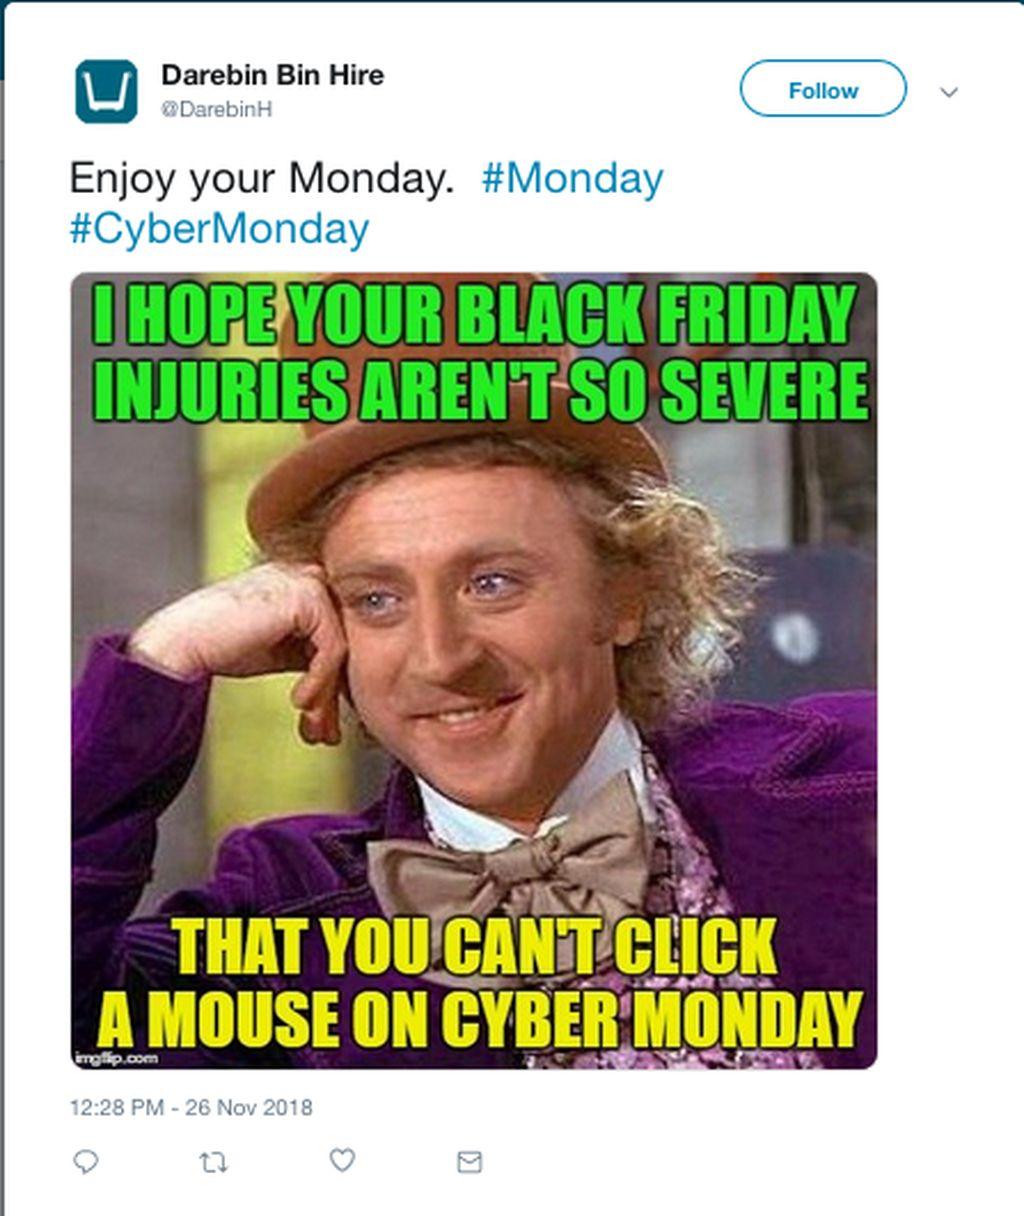 Black Friday identik dengan momen belanja yang cukup menuntut fisik karena terkadang sampai sikut-sikutan. Tak sampai cedera kan untuk belanja lagi di Cyber Monday? (Foto: Internet/Twitter)